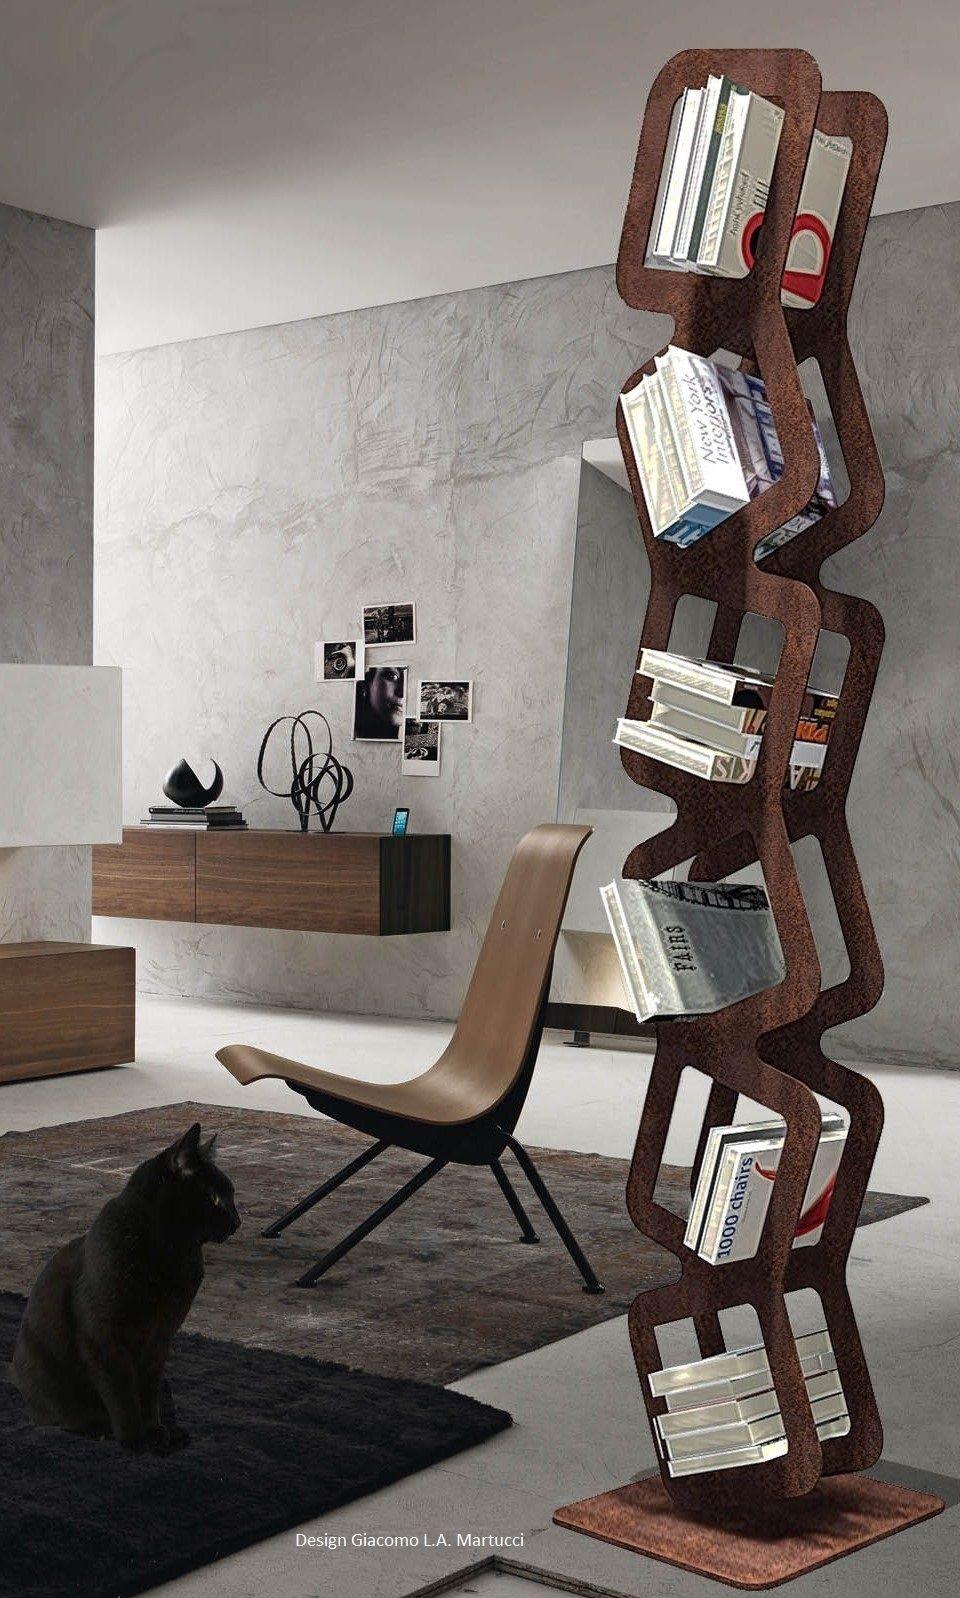 Libreria Verticale In Metallo.Dedalo Libreria Scultorea In Metallo Verniciato A Polveri Colori